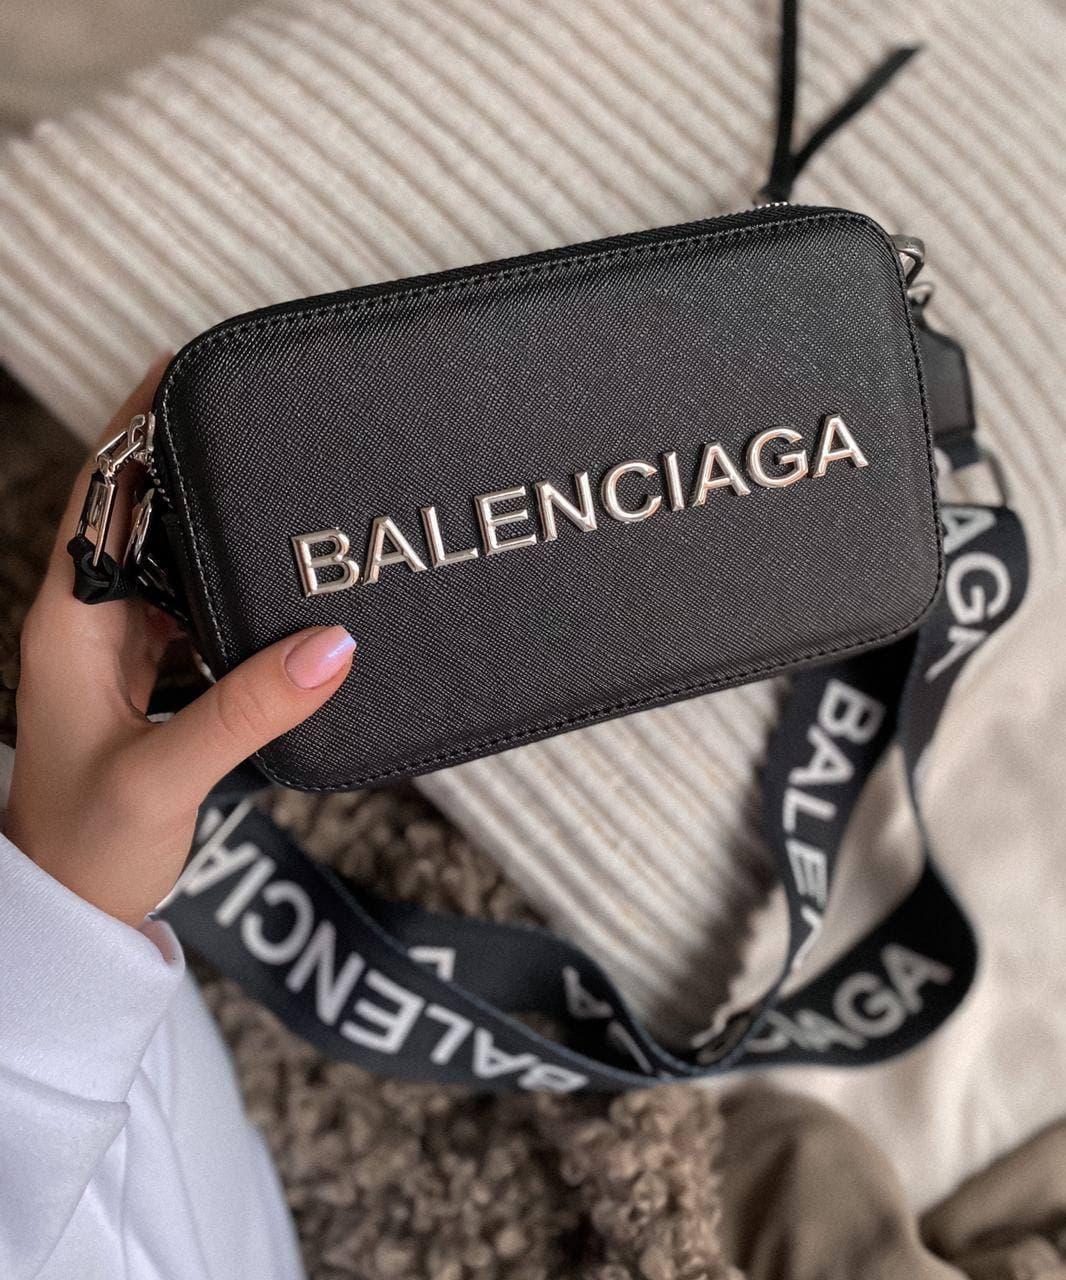 Жіноча сумка Balenciaga Black | Клатч крос боді Баленсіага Чорний